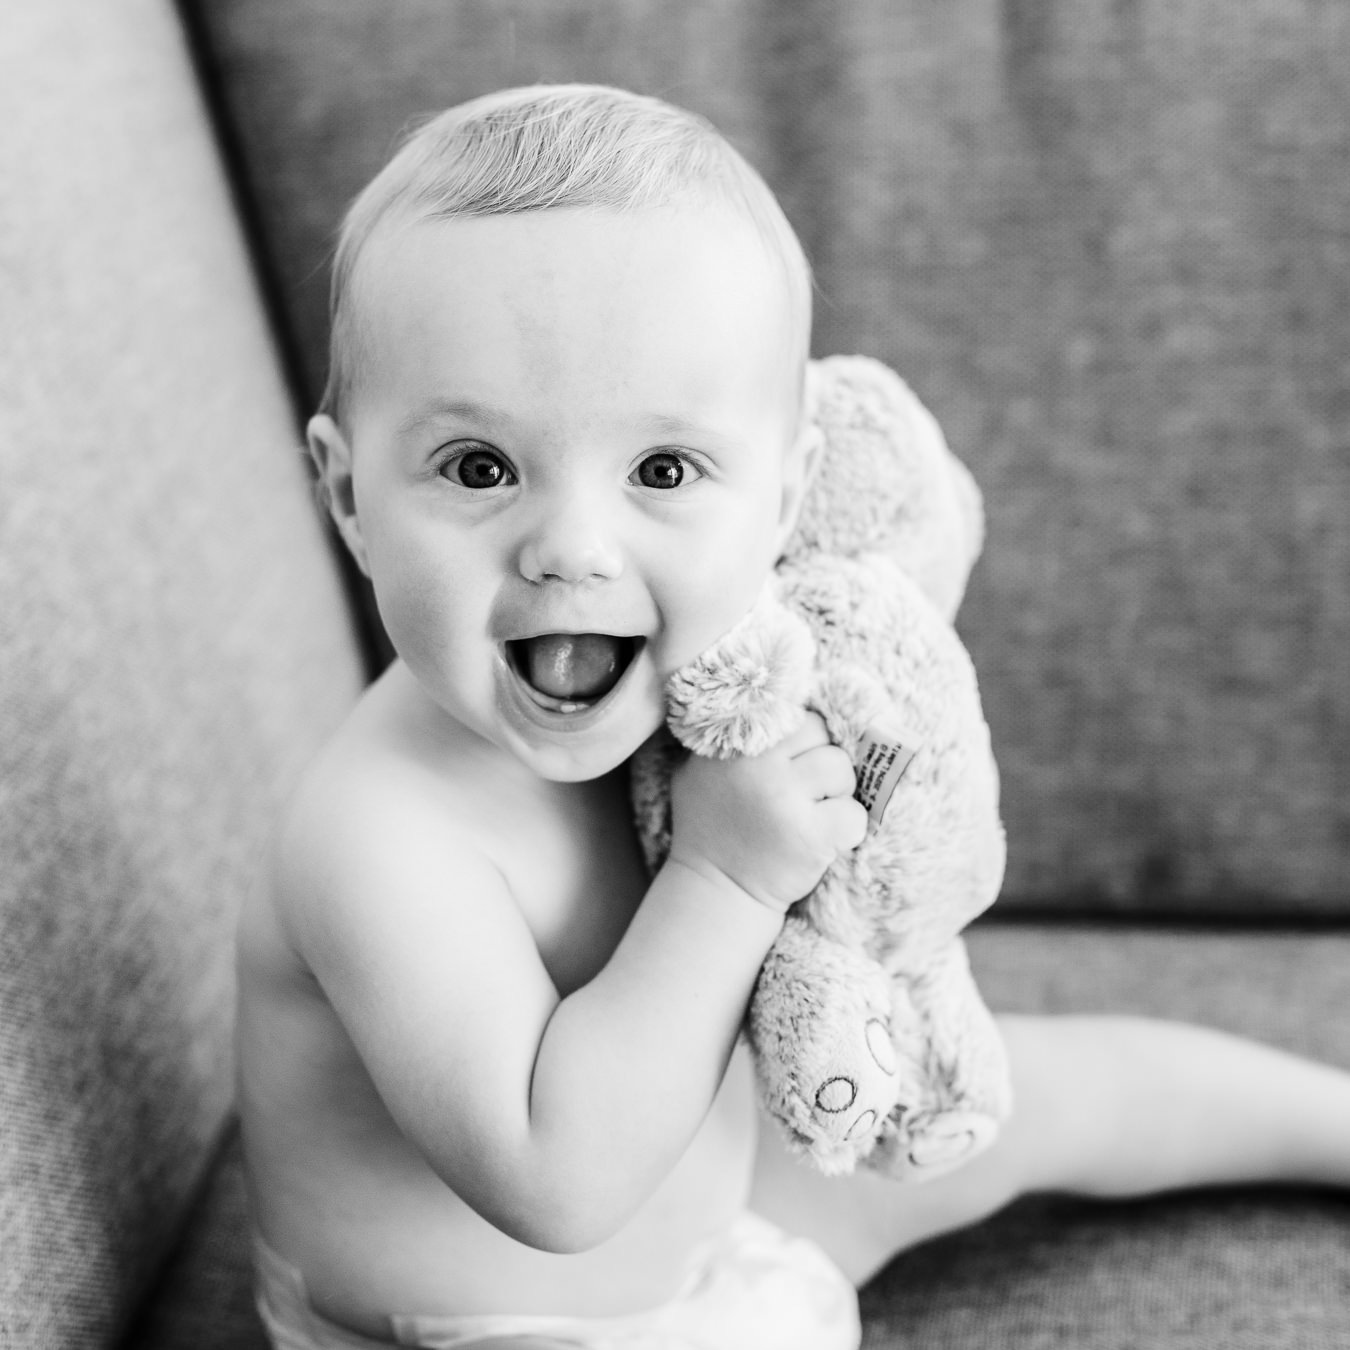 018-Babyfotografering-fotograf-oslo.jpg